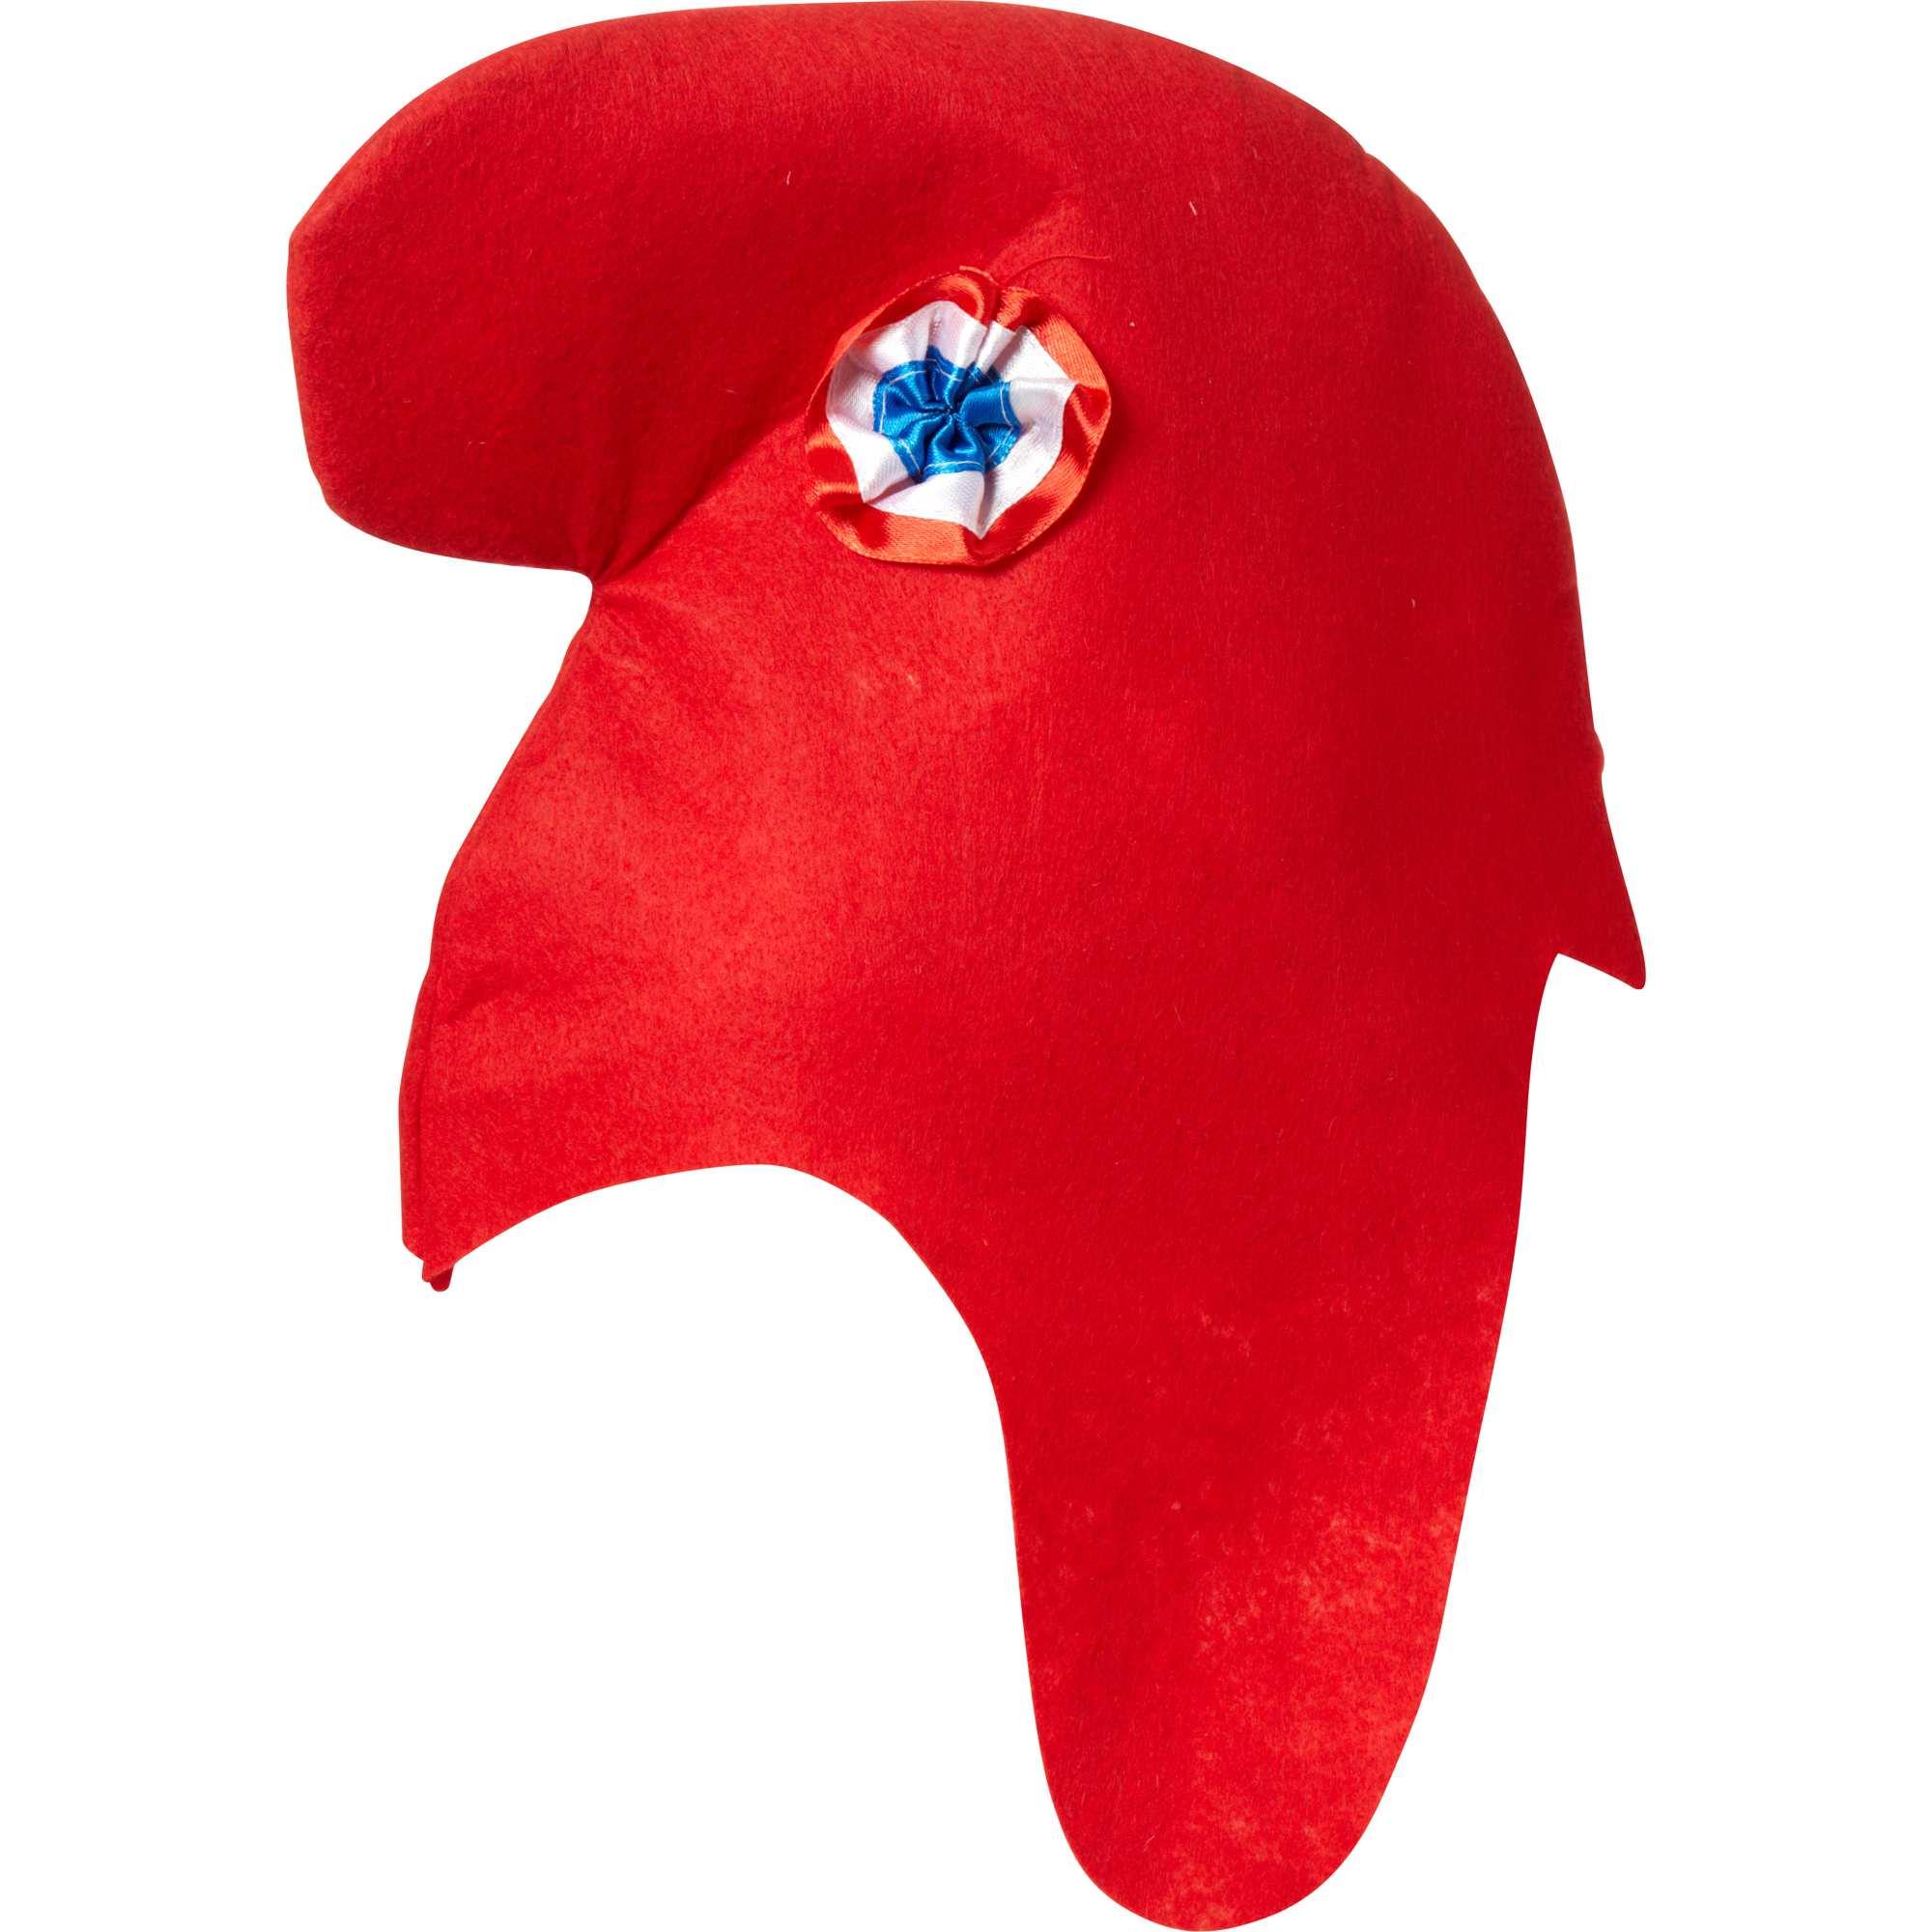 Bonnet phrygien rouge Accessoires. Loading zoom